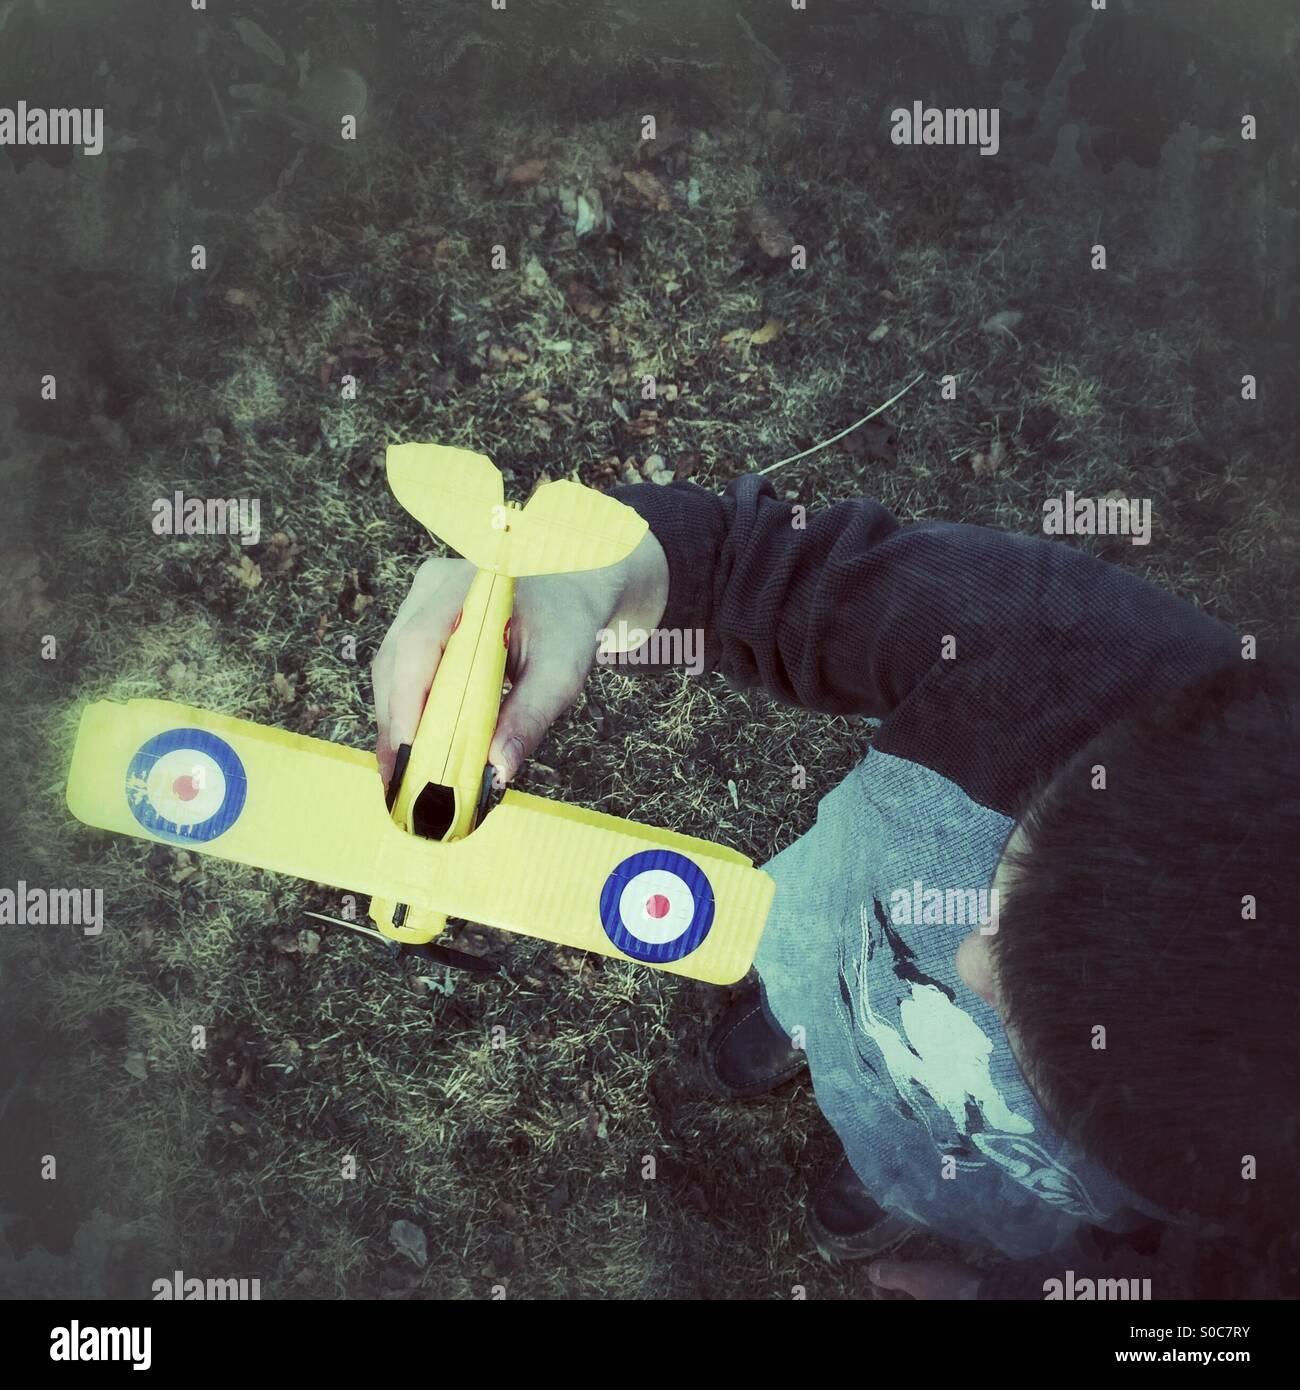 Blickte auf ein Junge hält ein Modellflugzeug Stockbild